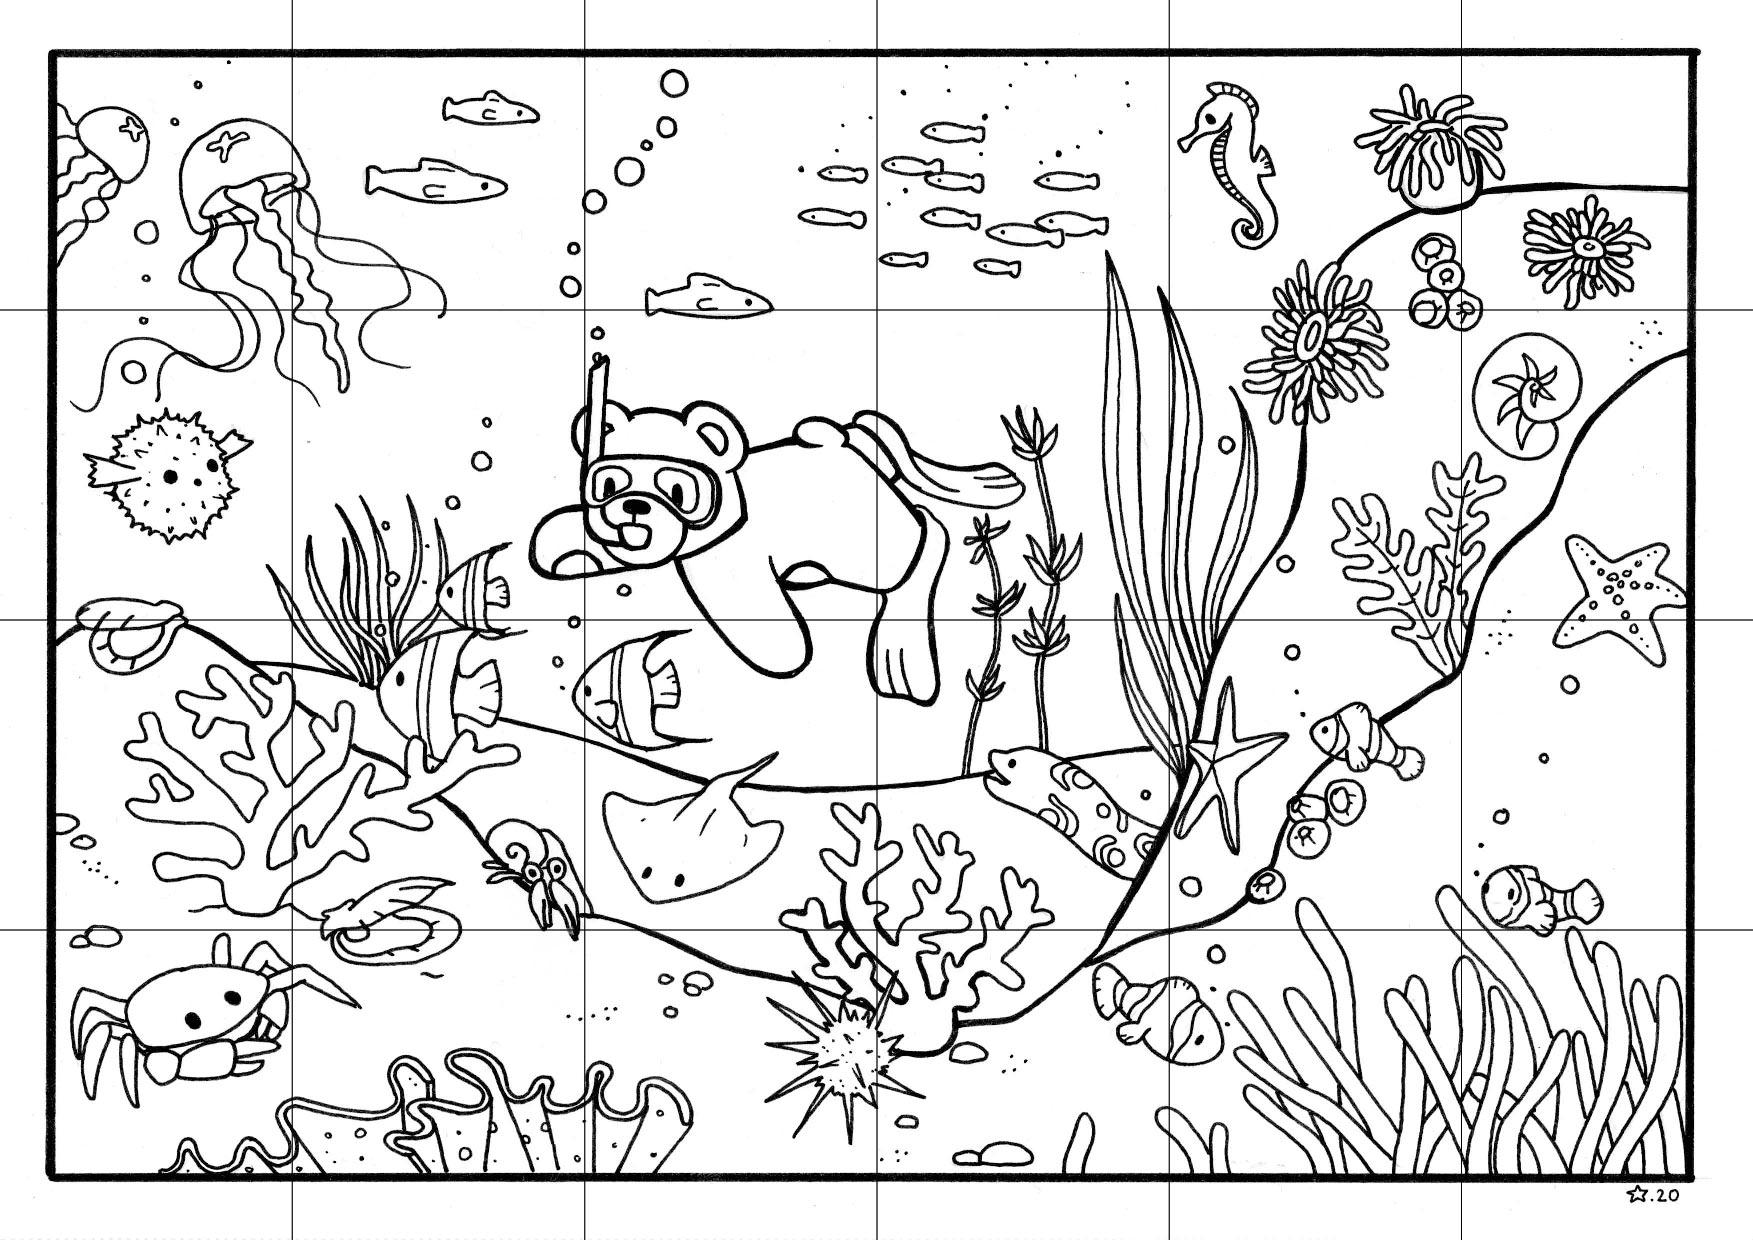 Illustration : coloriage de petit nours qui faire d ela plongée ; découpé en puzzle